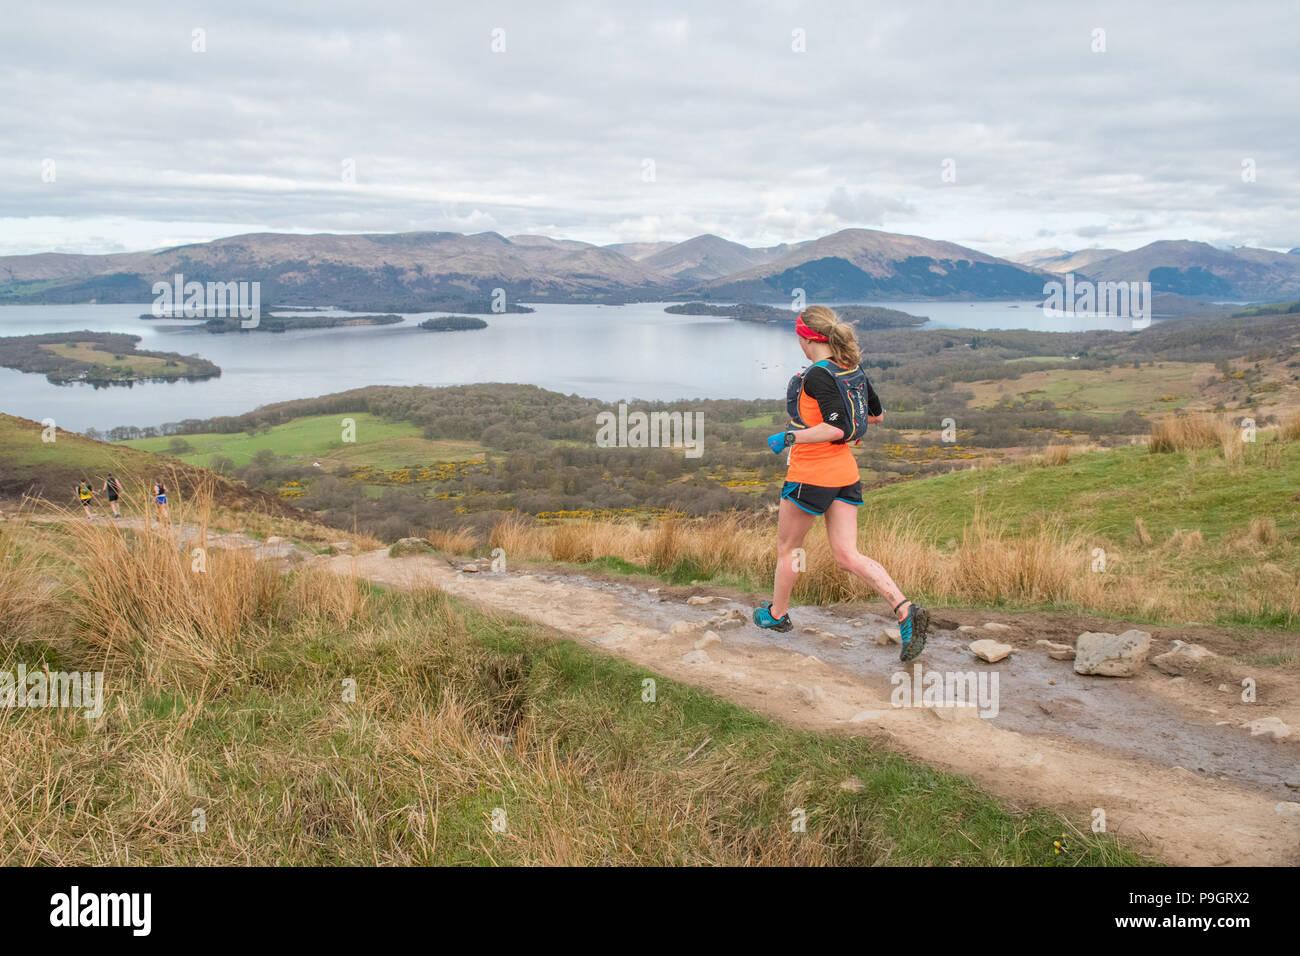 Sentiero discendente runner off collina conica a Loch Lomond e il Trossachs National Park in Highland Fling Festival 53 miglio ultra-trail Marathon 2018 Immagini Stock